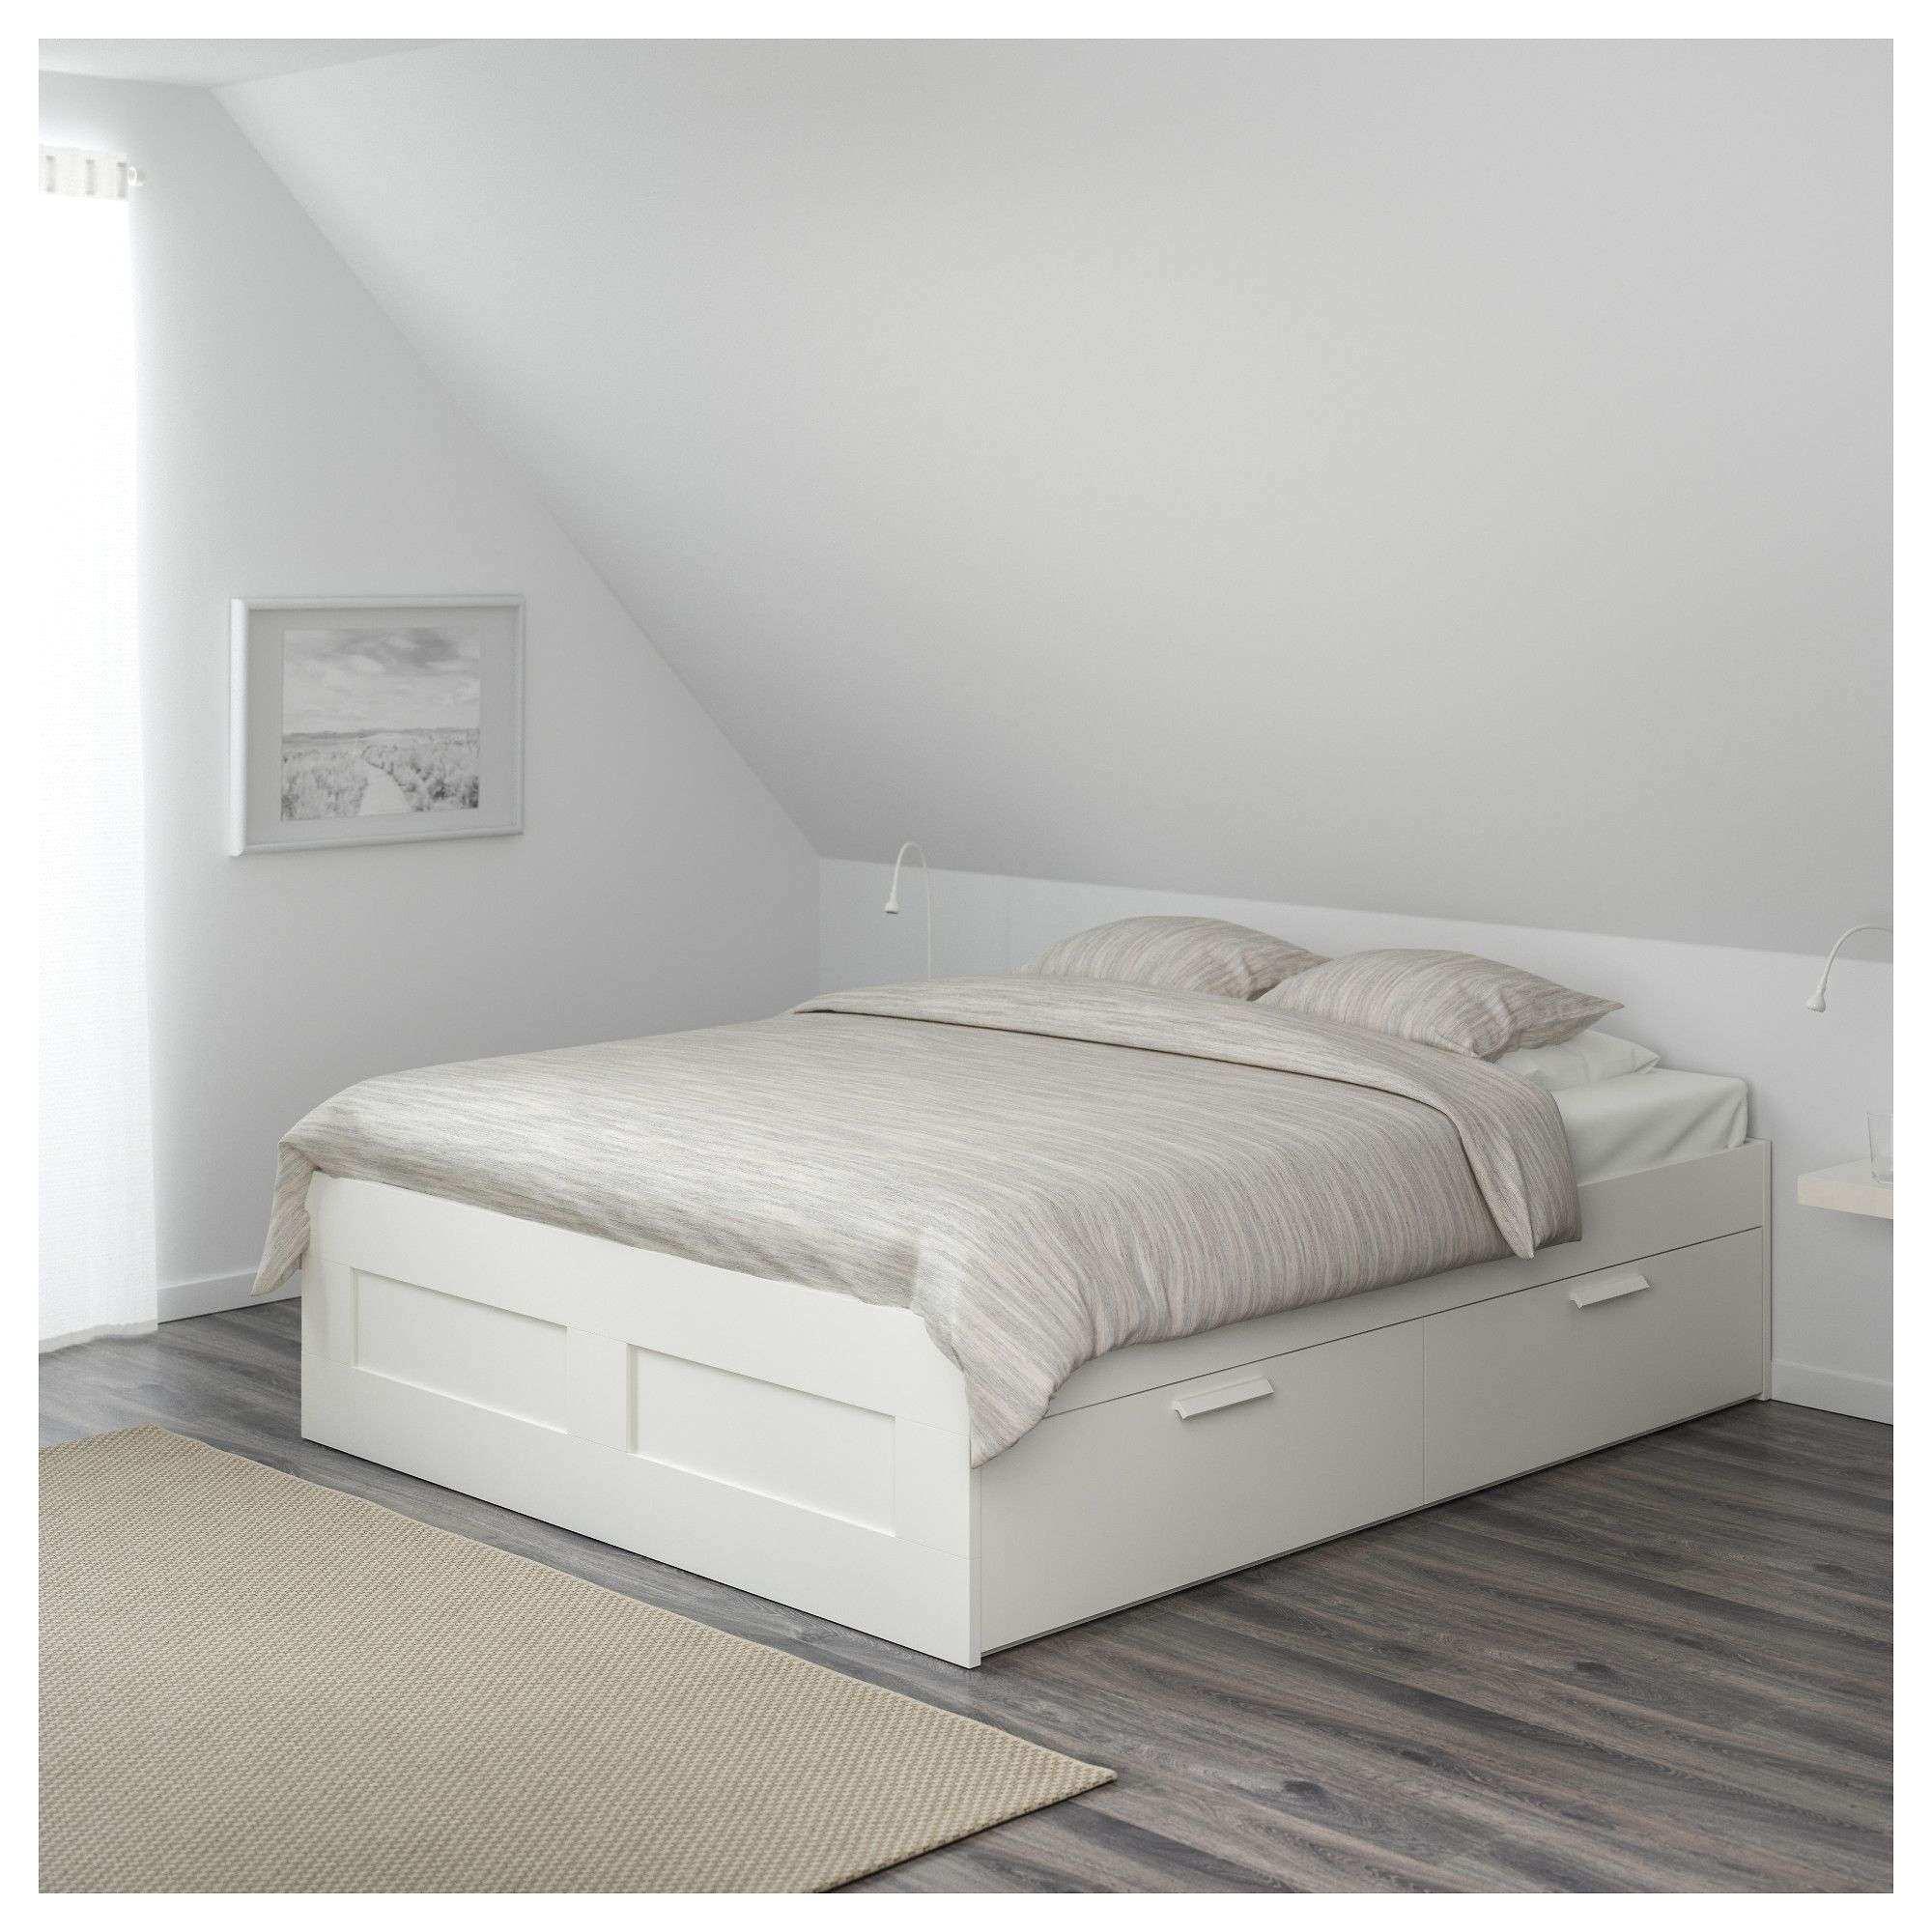 ikea brimnes bed frame fresh box bed frame fresh ikea brimnes bed frame with storage white